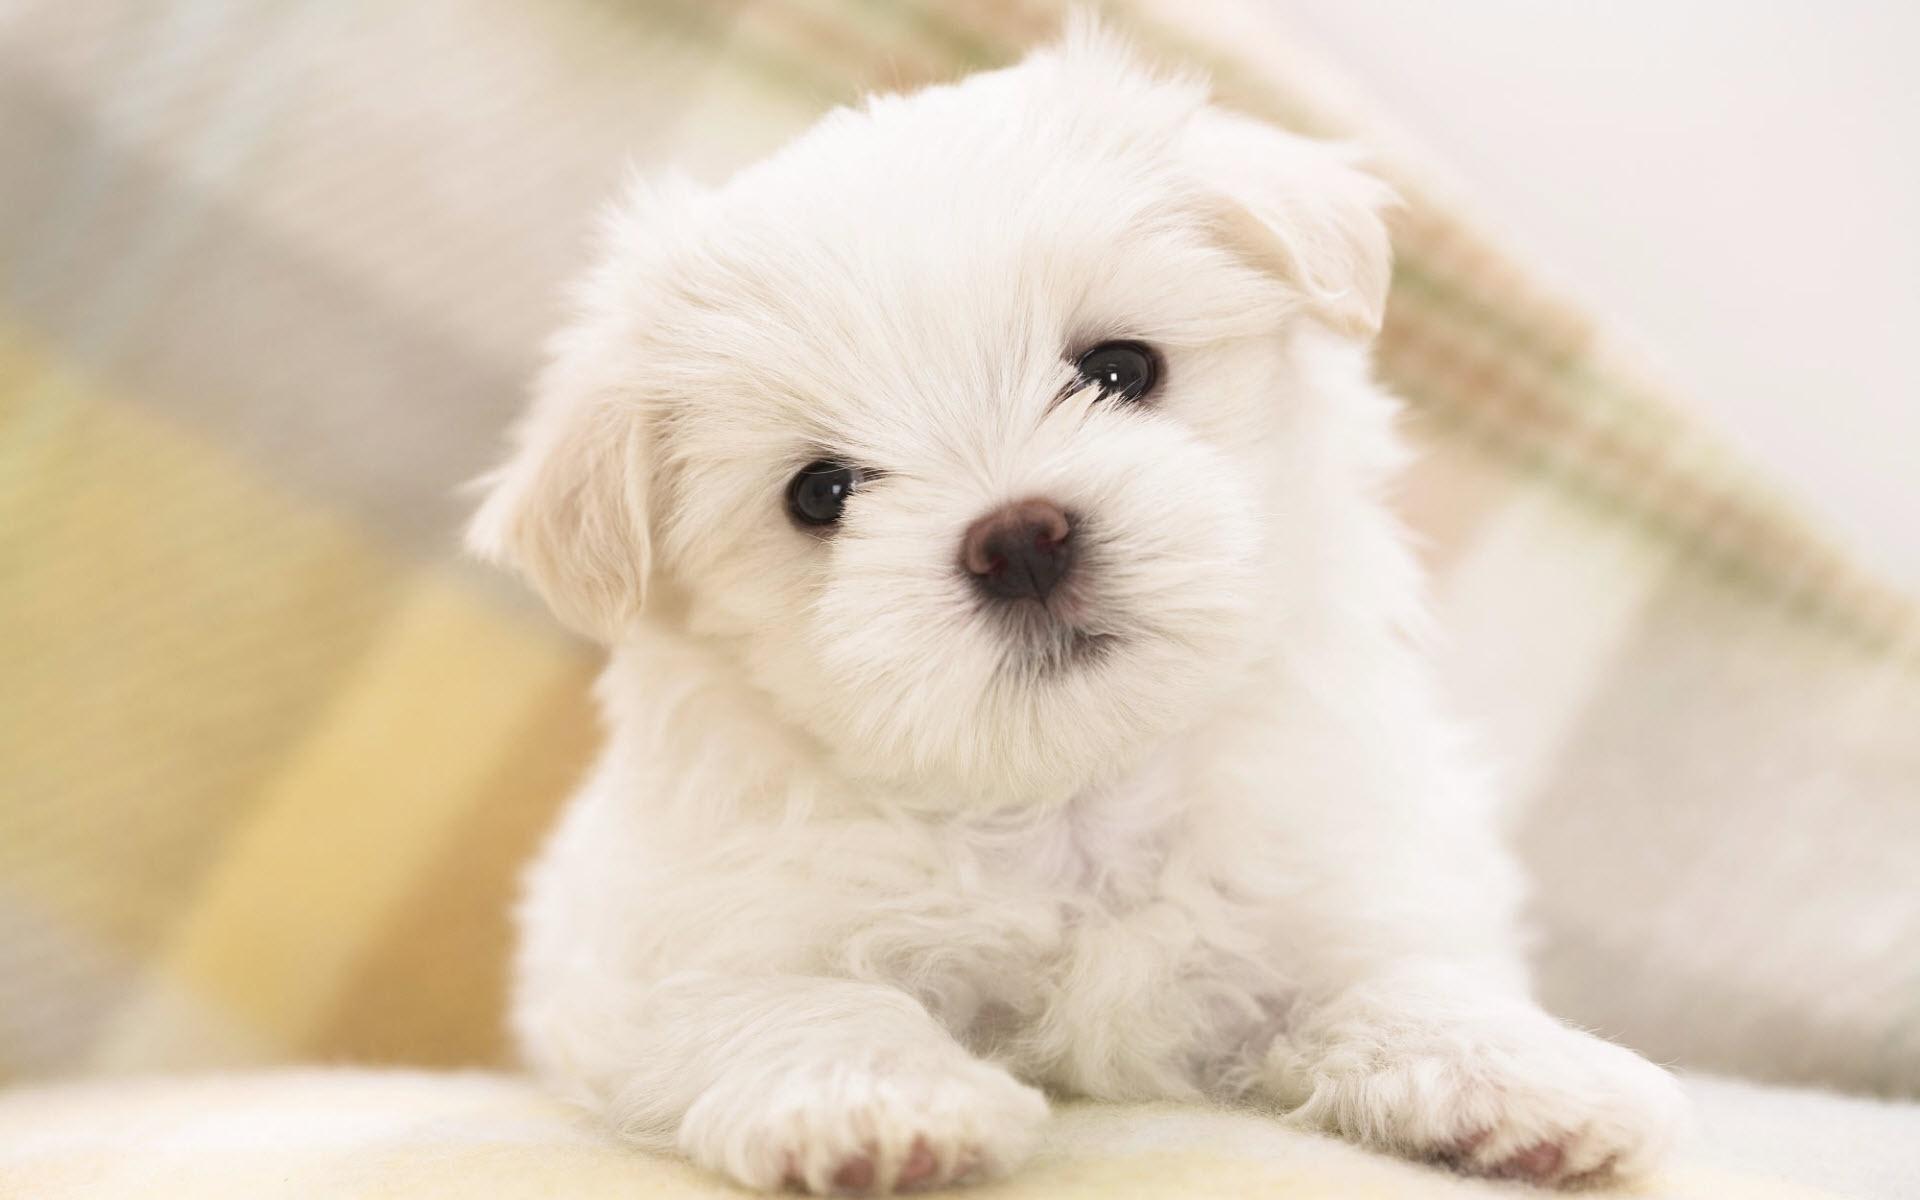 cute pets wallpaper 20731